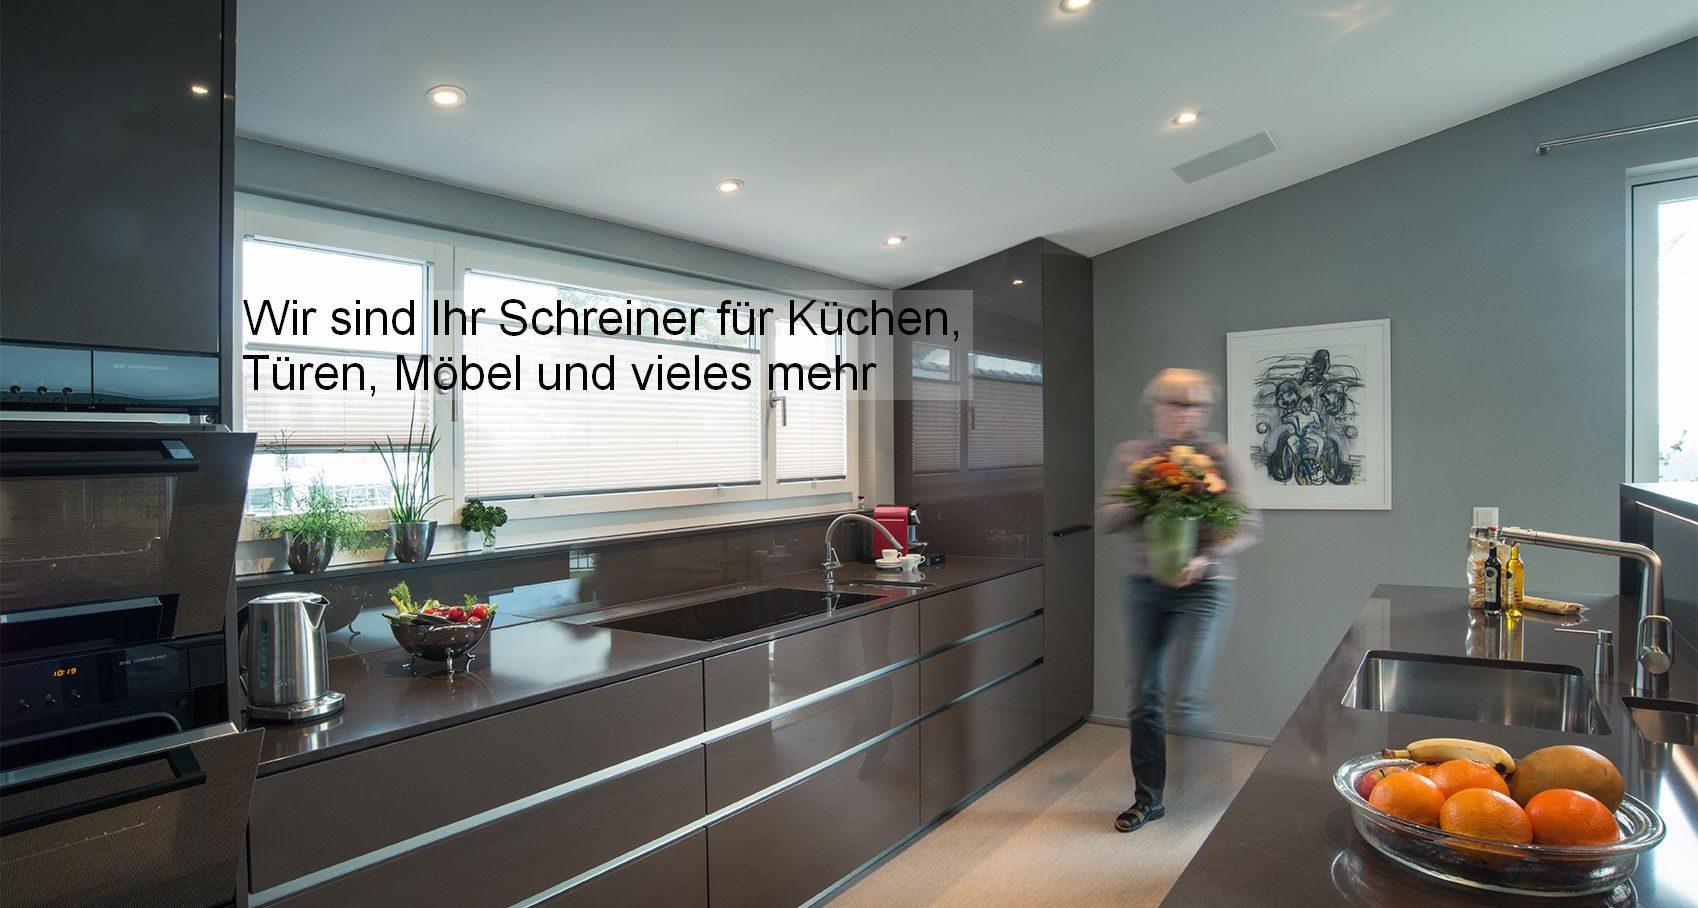 Schreinerei für Küchenbau, Aussen- und Innentüren, Möbel, Einrichtungen